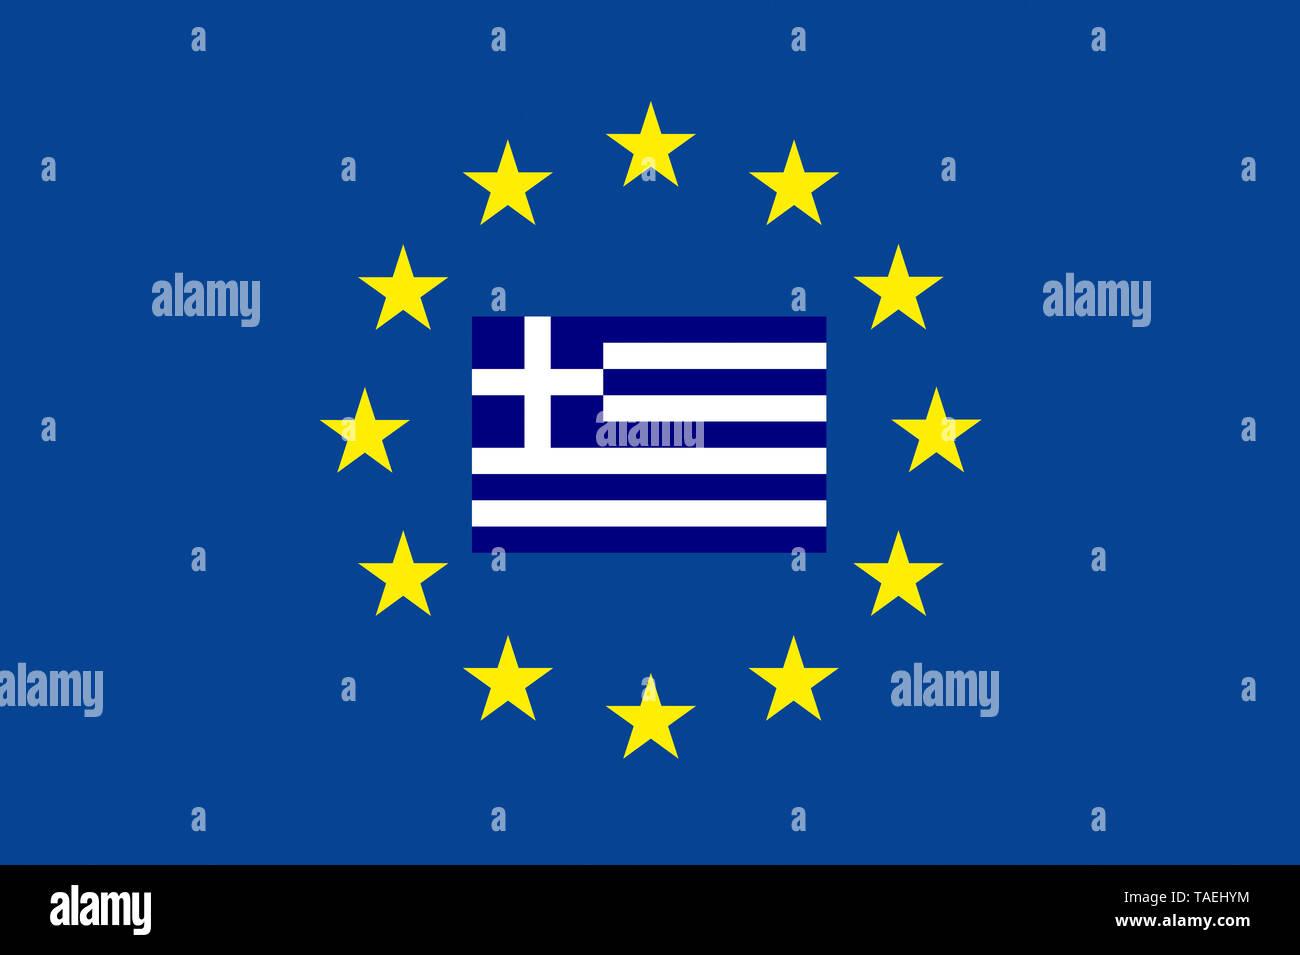 EU-Zeichen mit der Flagge von Griechenland, die Sterne schützen das Land, Symbolfoto für Europa - Stock Image